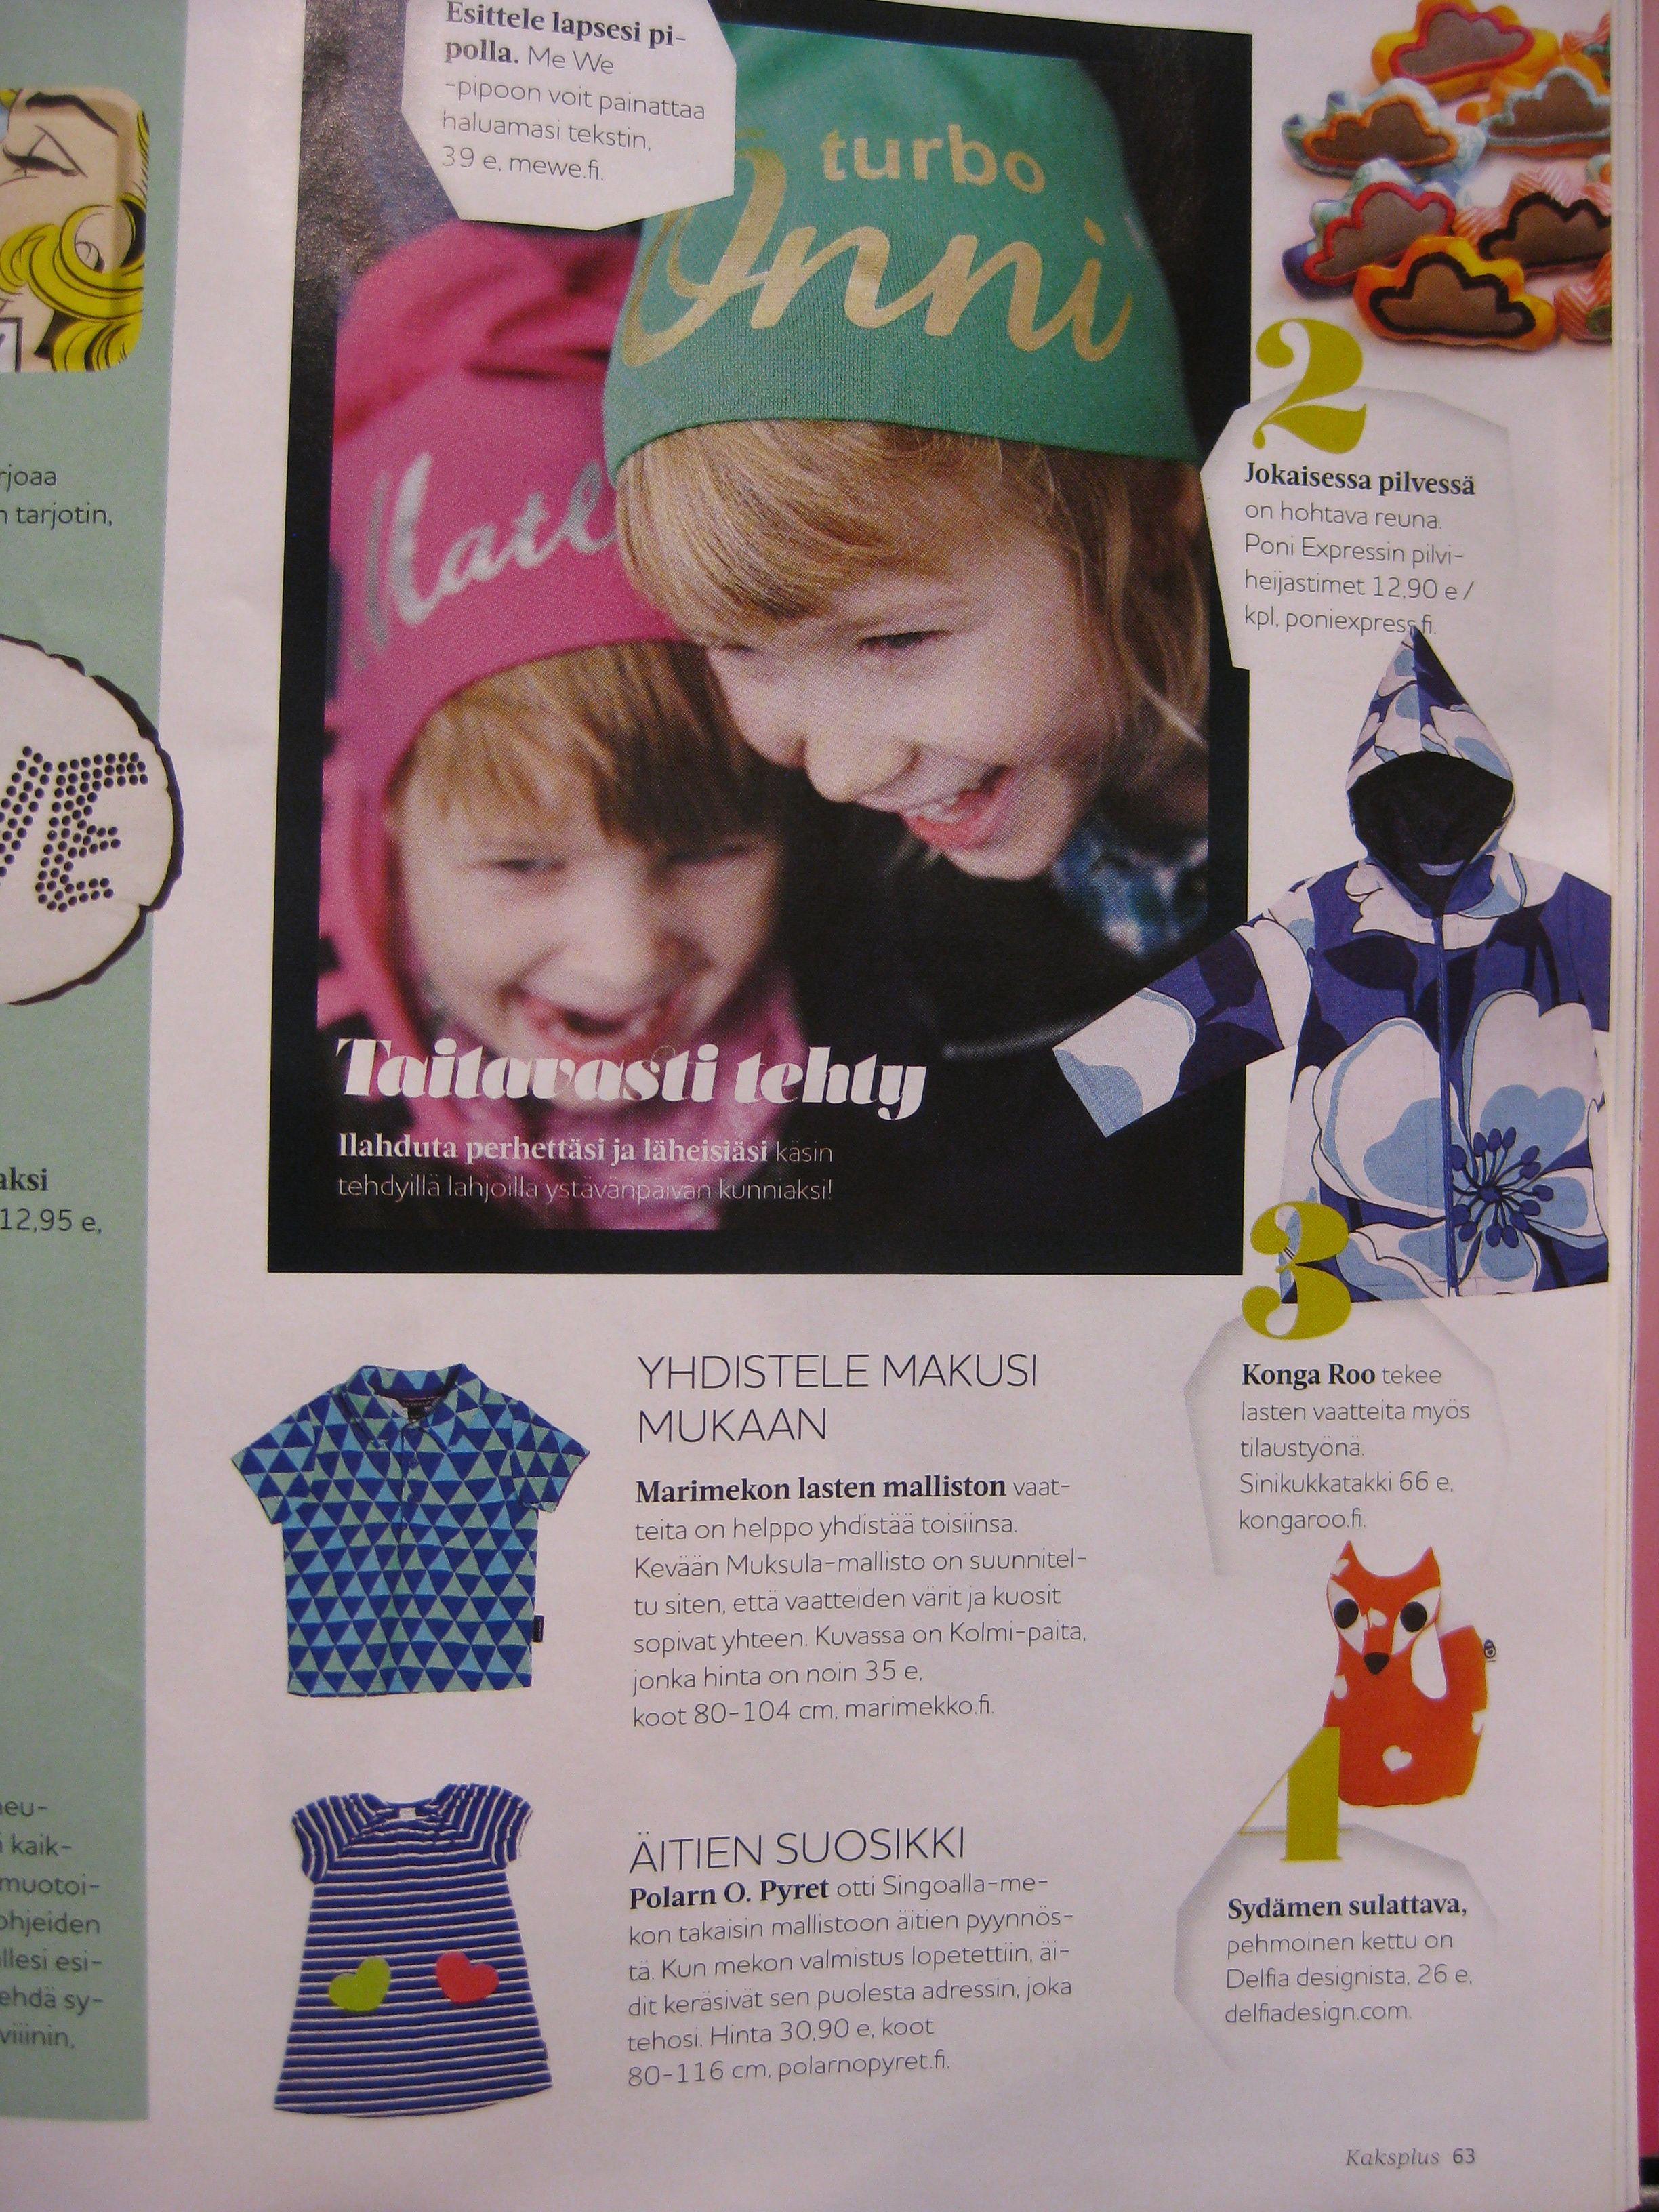 KaksPlus 1-2/2014. Kuvamarkkinoinnin satoa; PoniExpress, Kongaroo ja Delfia Design ja kaupan päälle vielä Me We:n oma markkinointi johti pipotkin samalle sivulle!